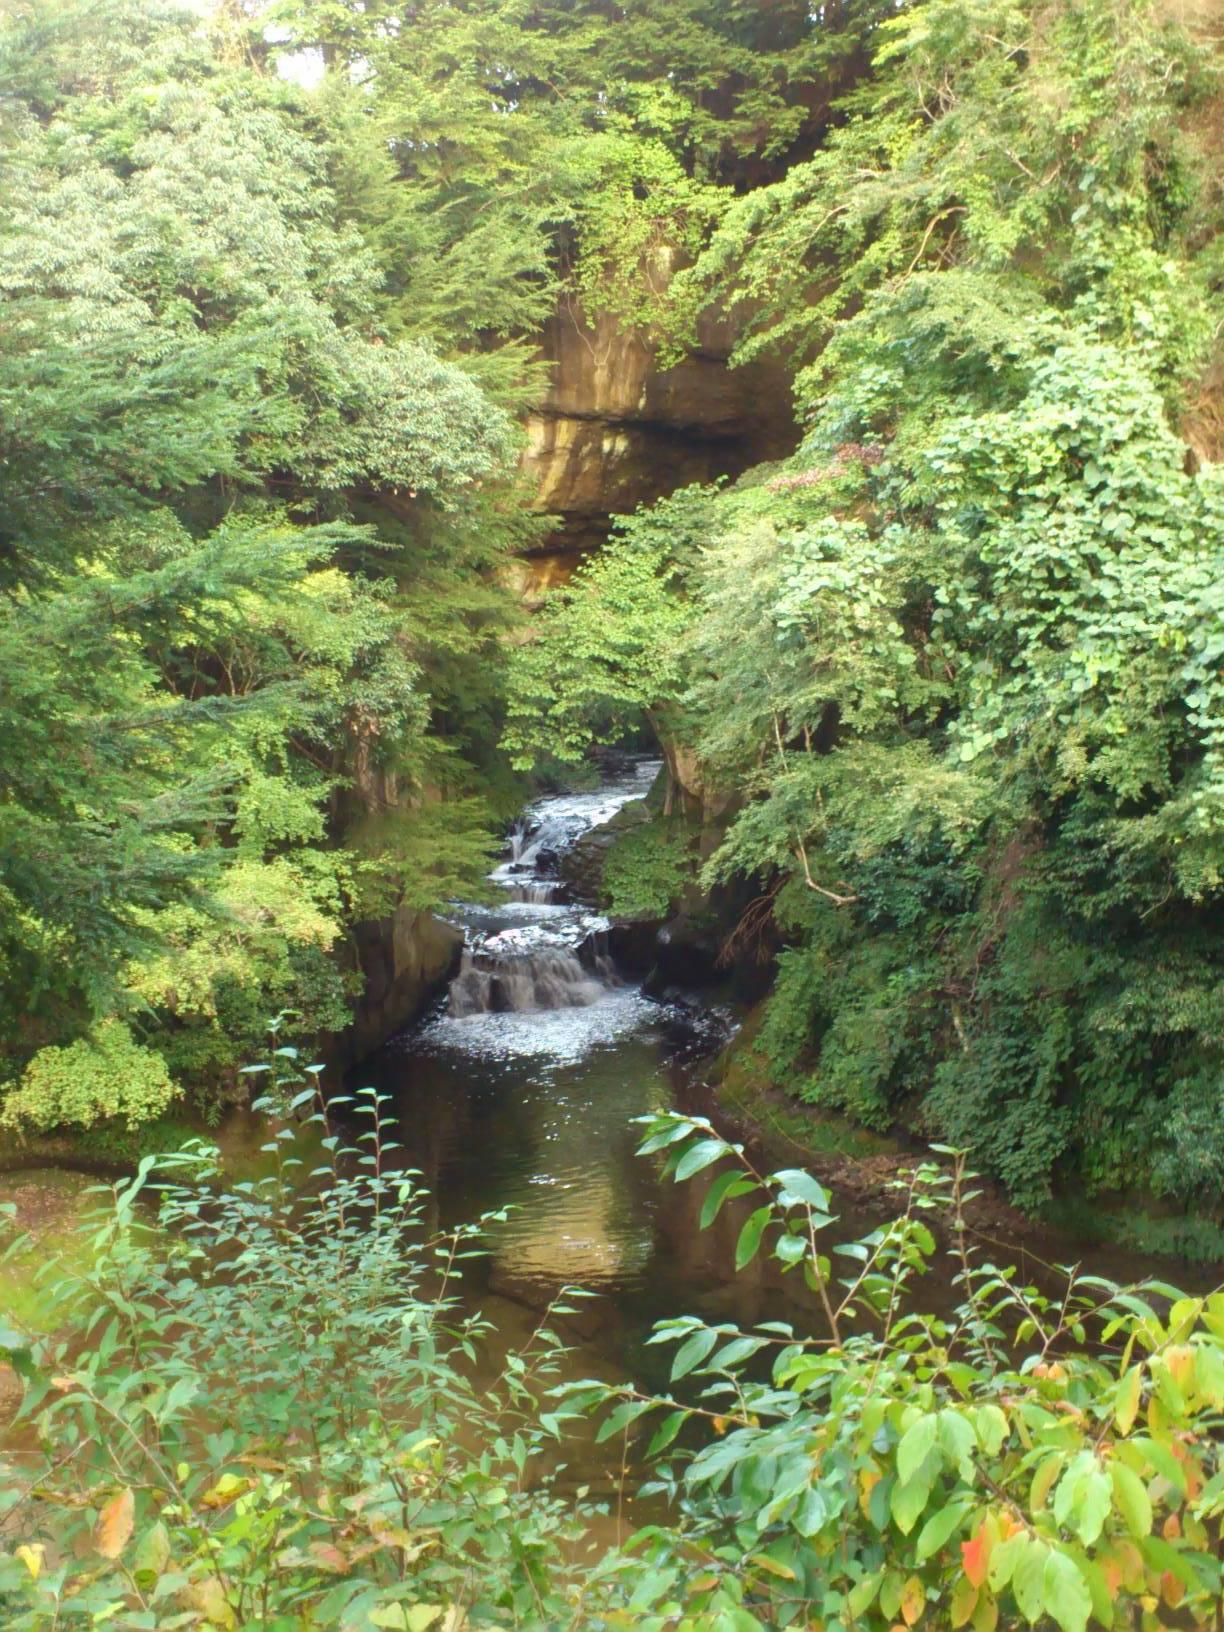 VINICE CLUBダイアリー さっちーの「濃溝の滝」をUPしました。